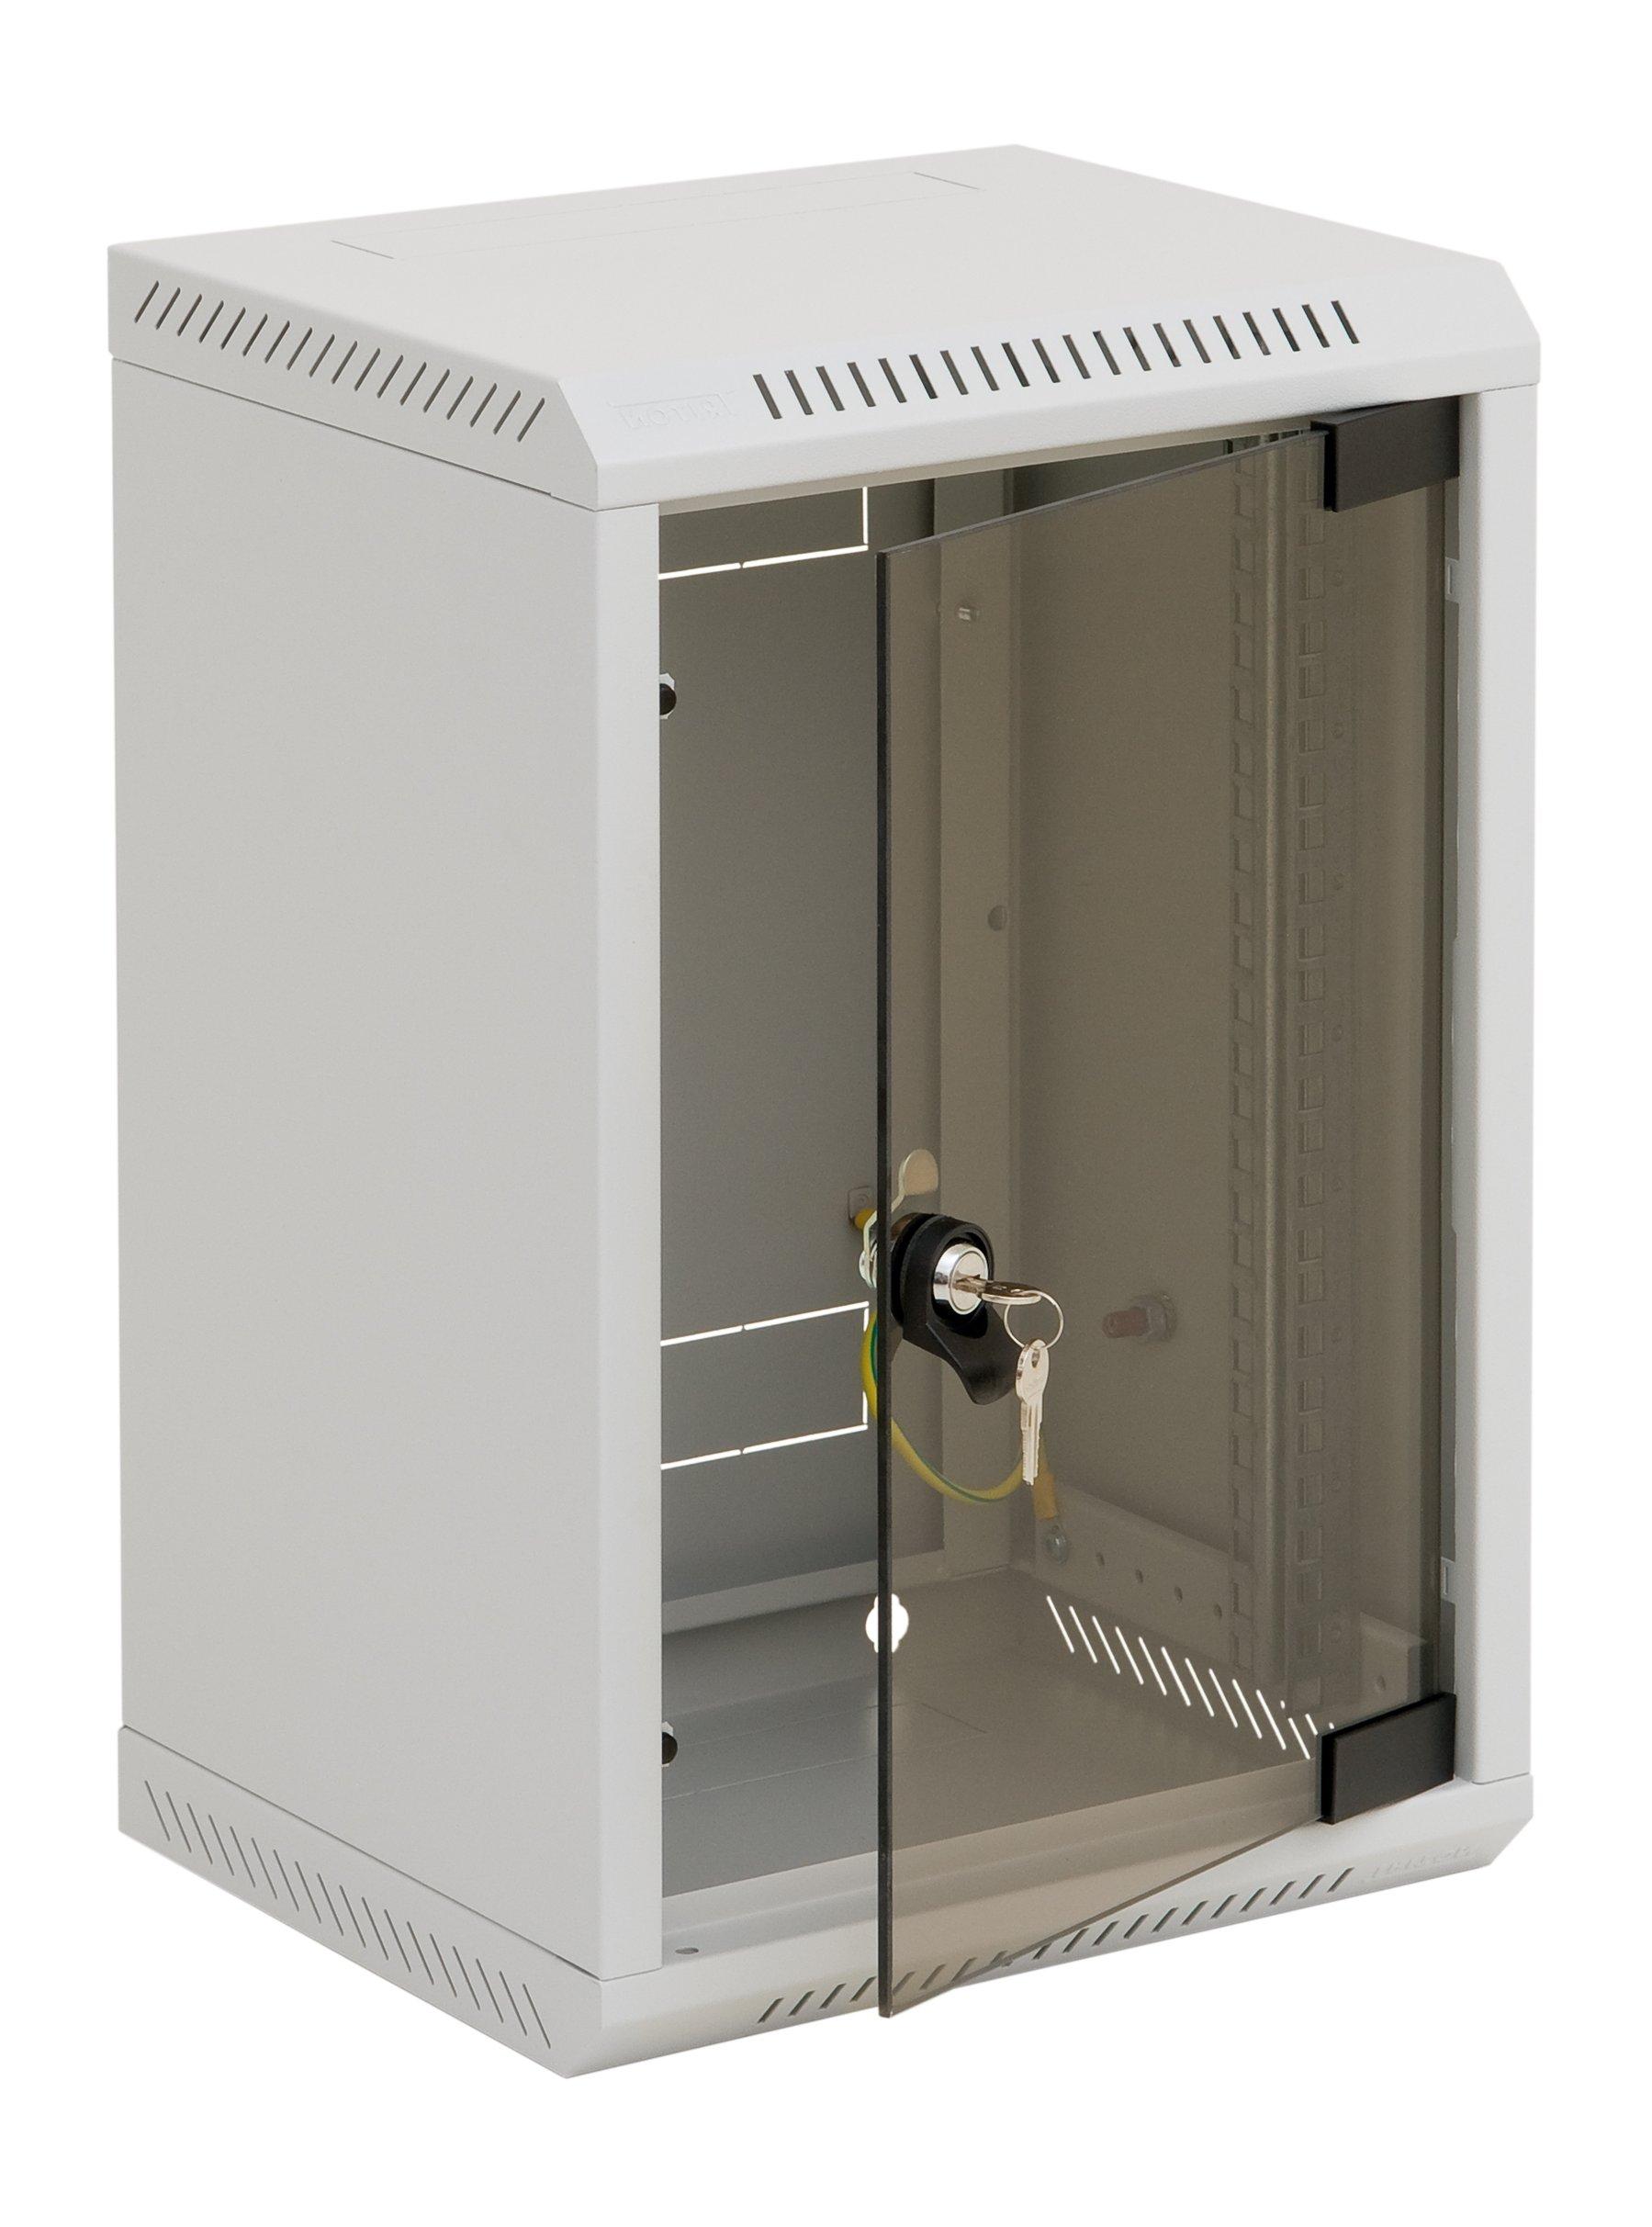 1 Stk Netzwerk-Wandschrank DV, B=310xH=248xT=260mm,10,4HE,RAL7035 DV610004-A